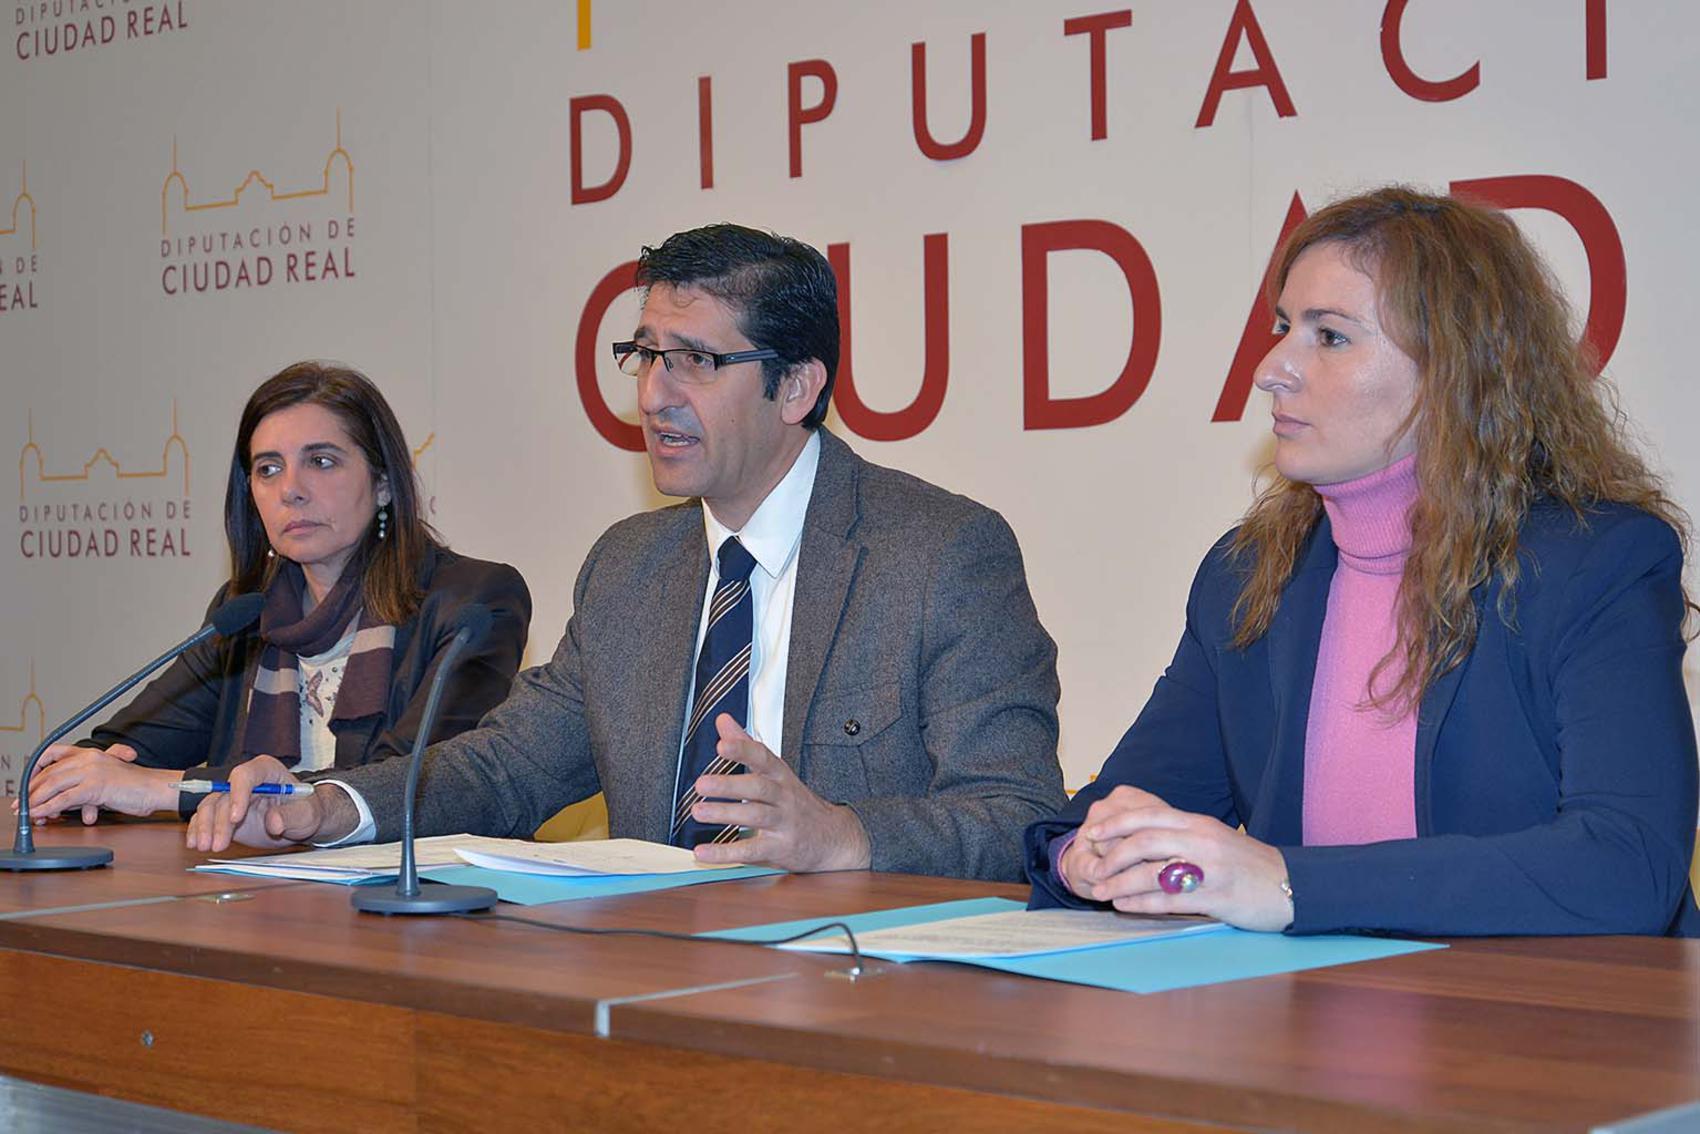 Diputación y Junta destinan 28 millones de euros a crear empleo en la provincia en 2016